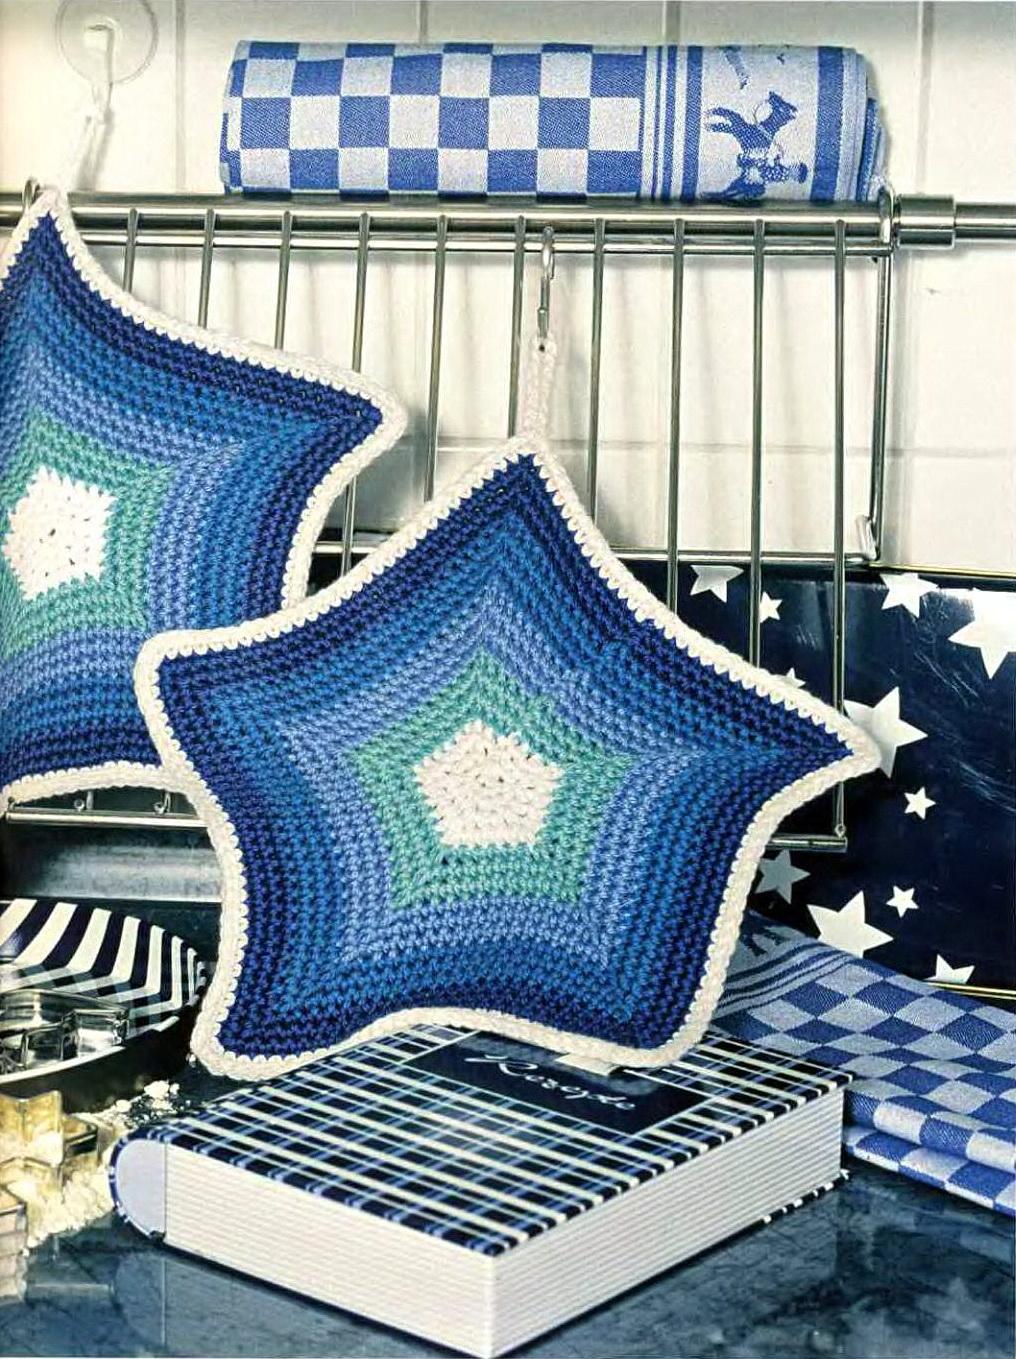 Морская тема в трикотаже. Прихватки для кухни в виде морских звезд. Синий, бирюзовый, белый